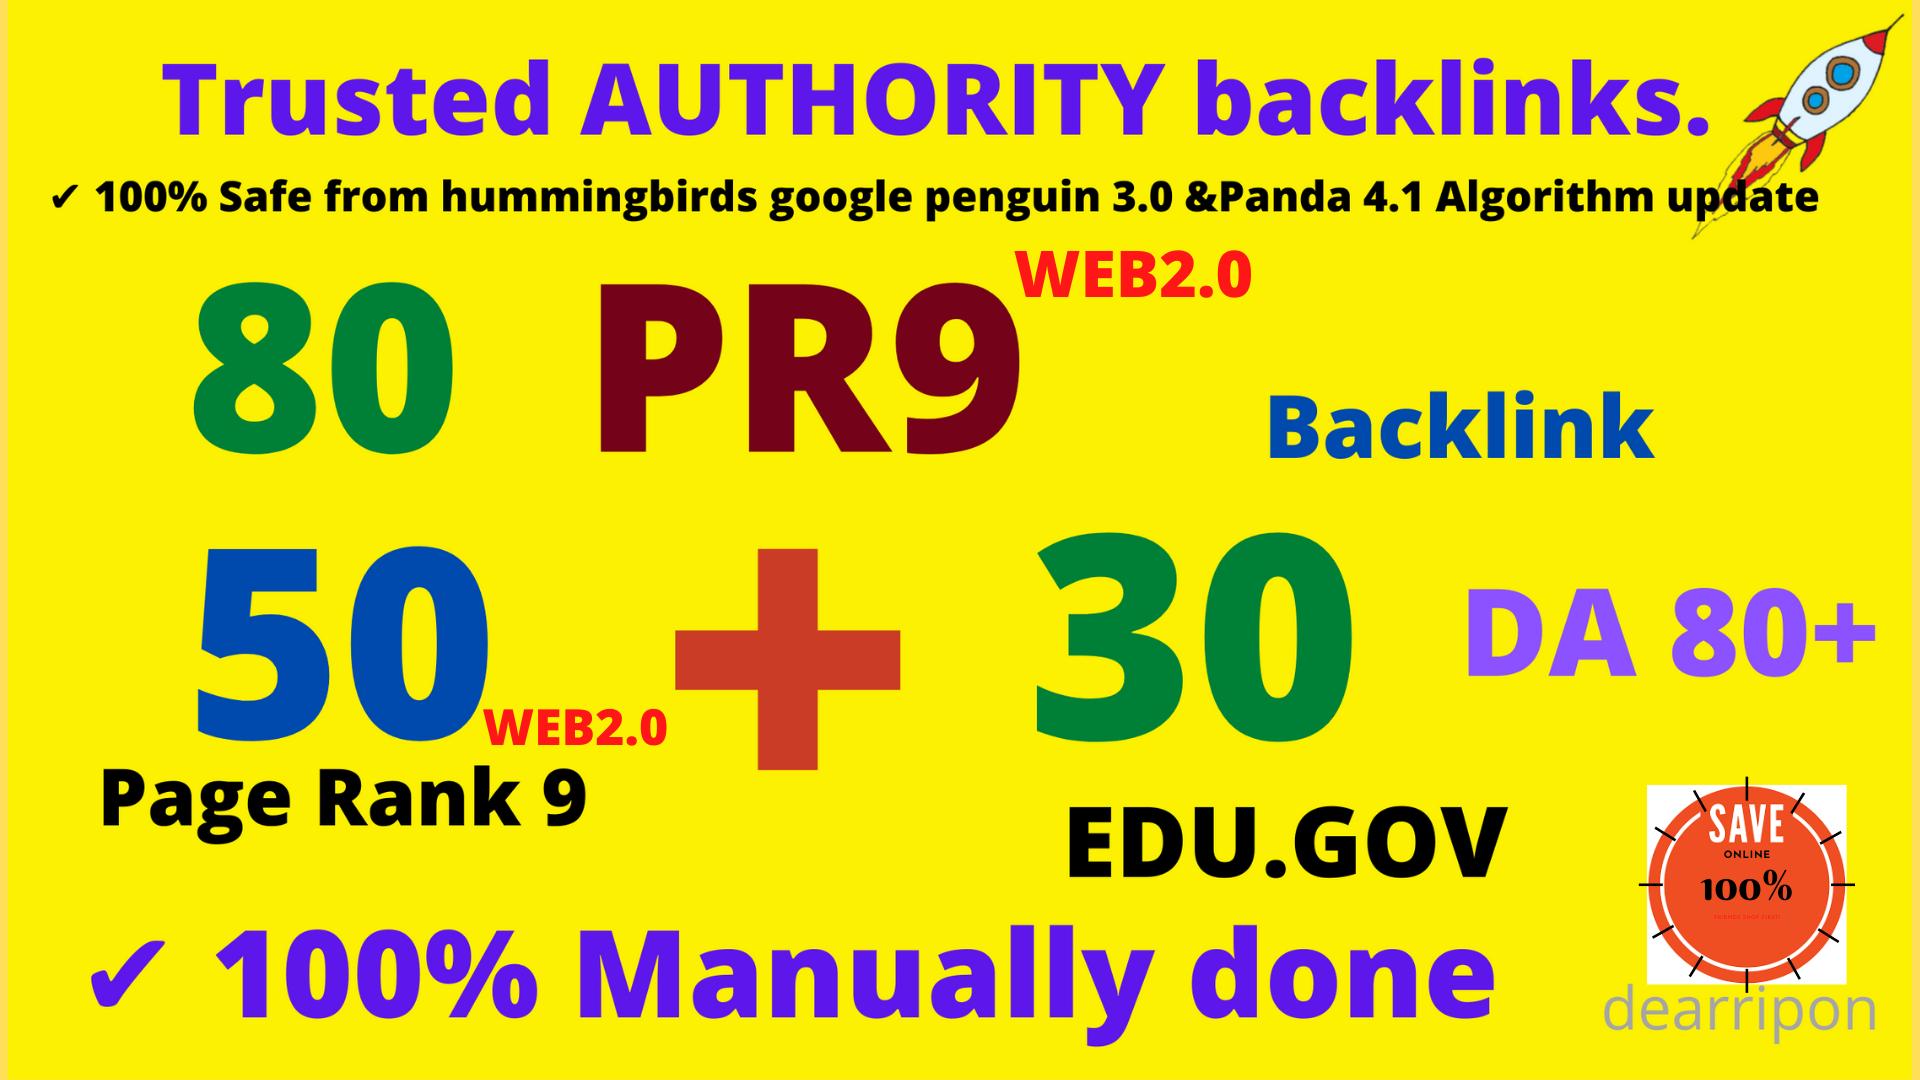 High Authority 80+ Backlinks 50+ web2.0 and 30+ EDU/GOV DA80+ High Quality SEO Permanent Links